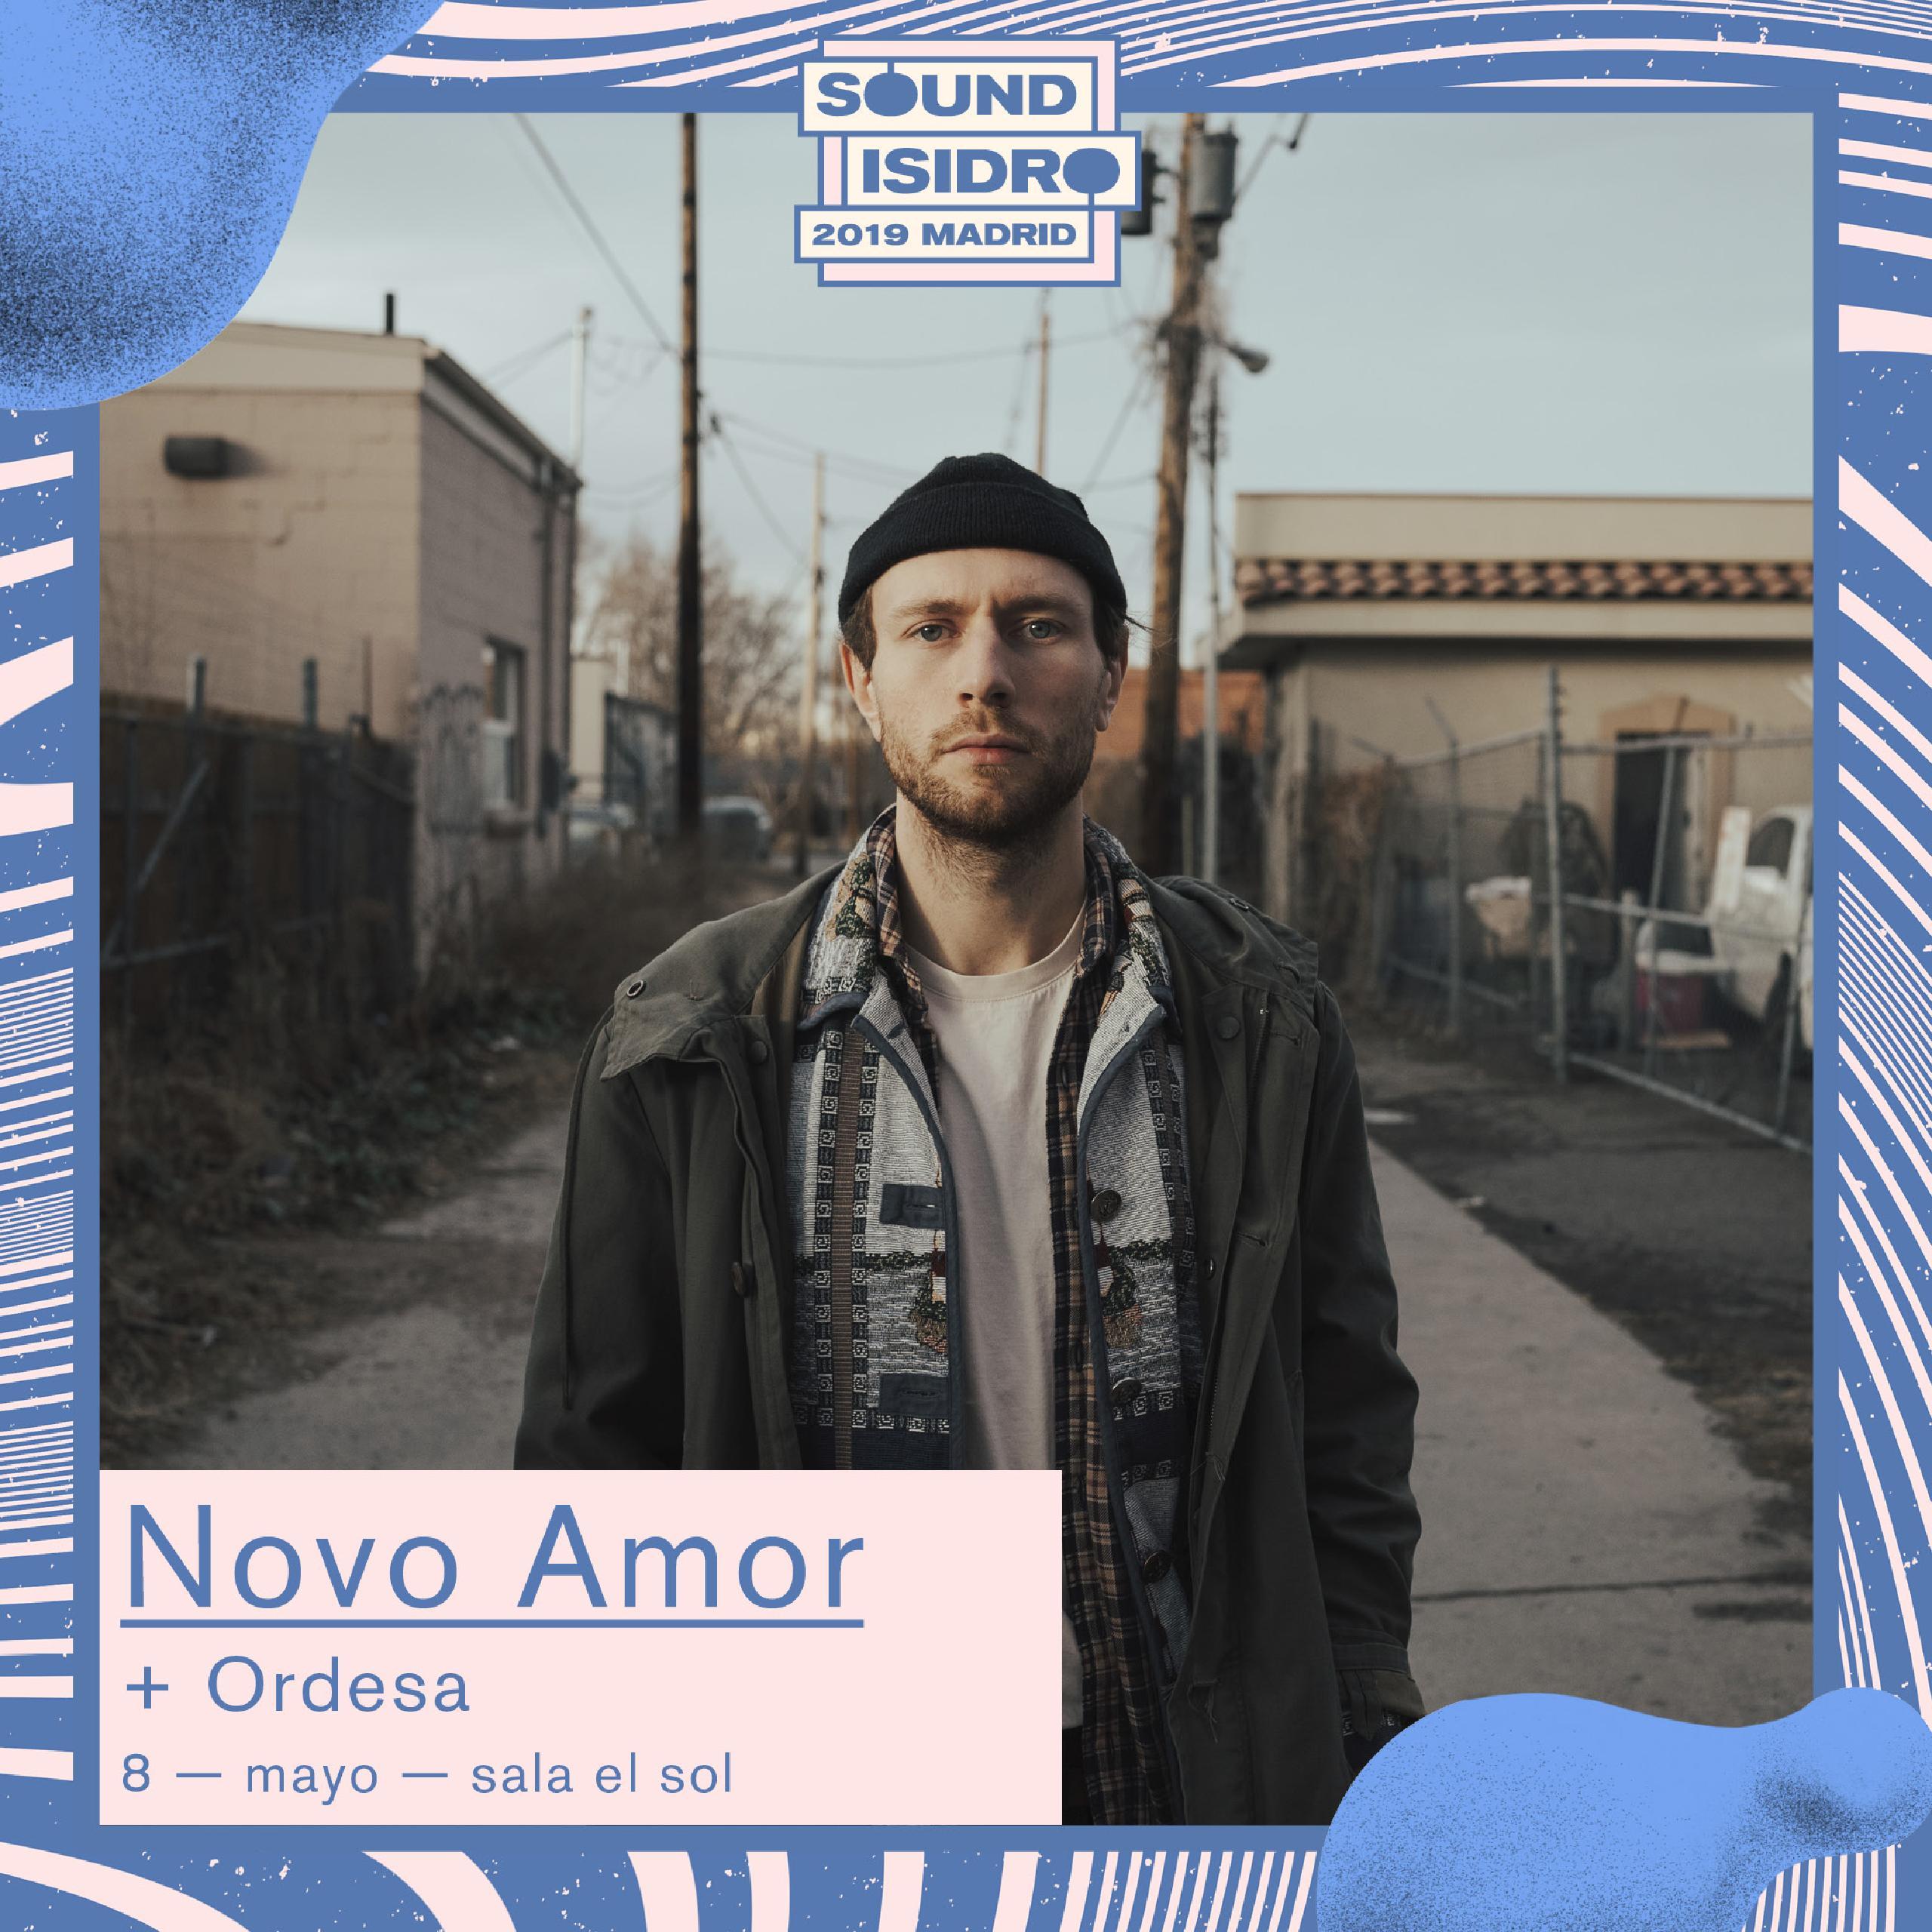 Novo Amor Ordesa concierto Madrid Sound Isidro Sala El Sol